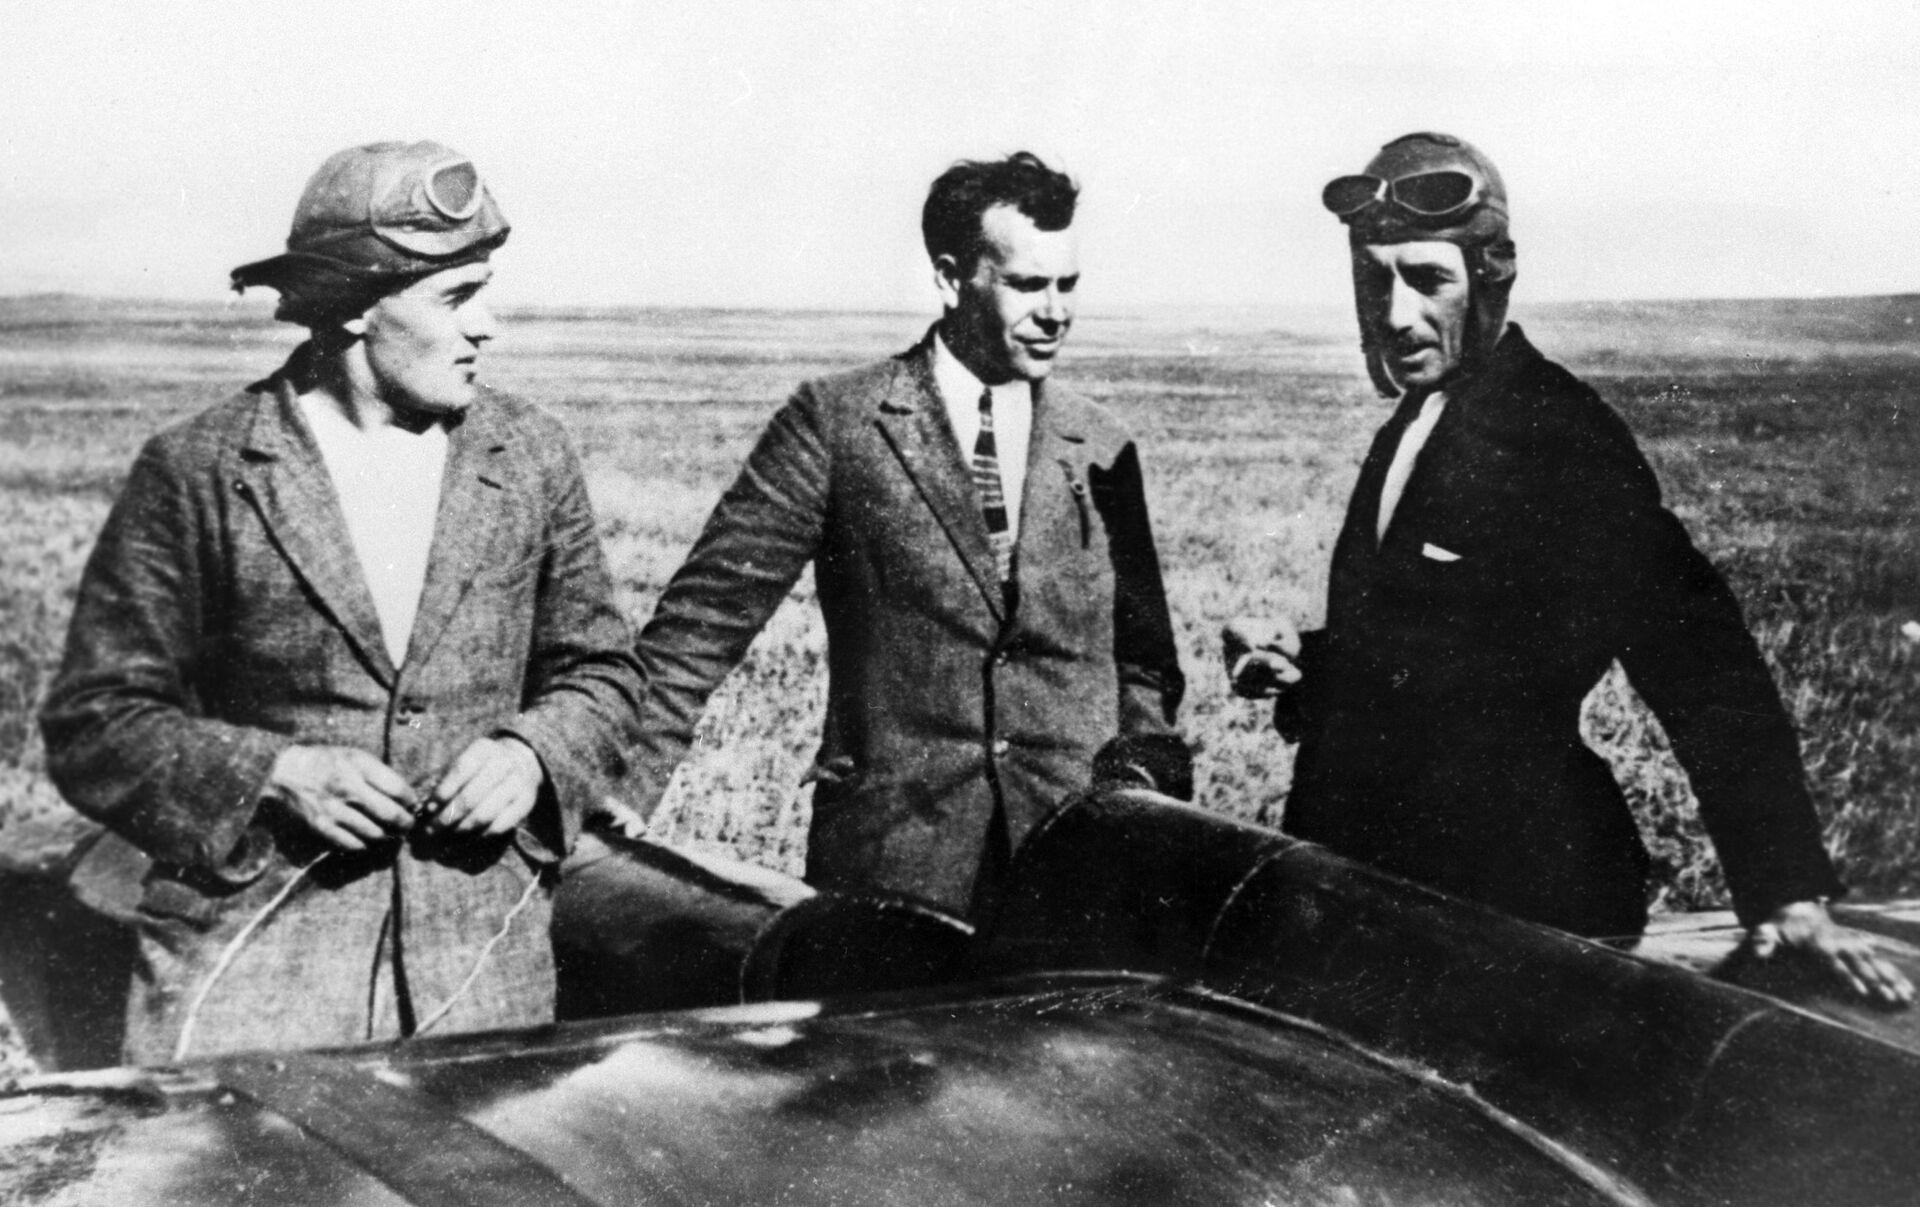 Сергей Королев (в центре), Сергей Люшин (слева) и Константин Арцеулов (справа) возле планера Коктебель. - РИА Новости, 1920, 11.08.2021